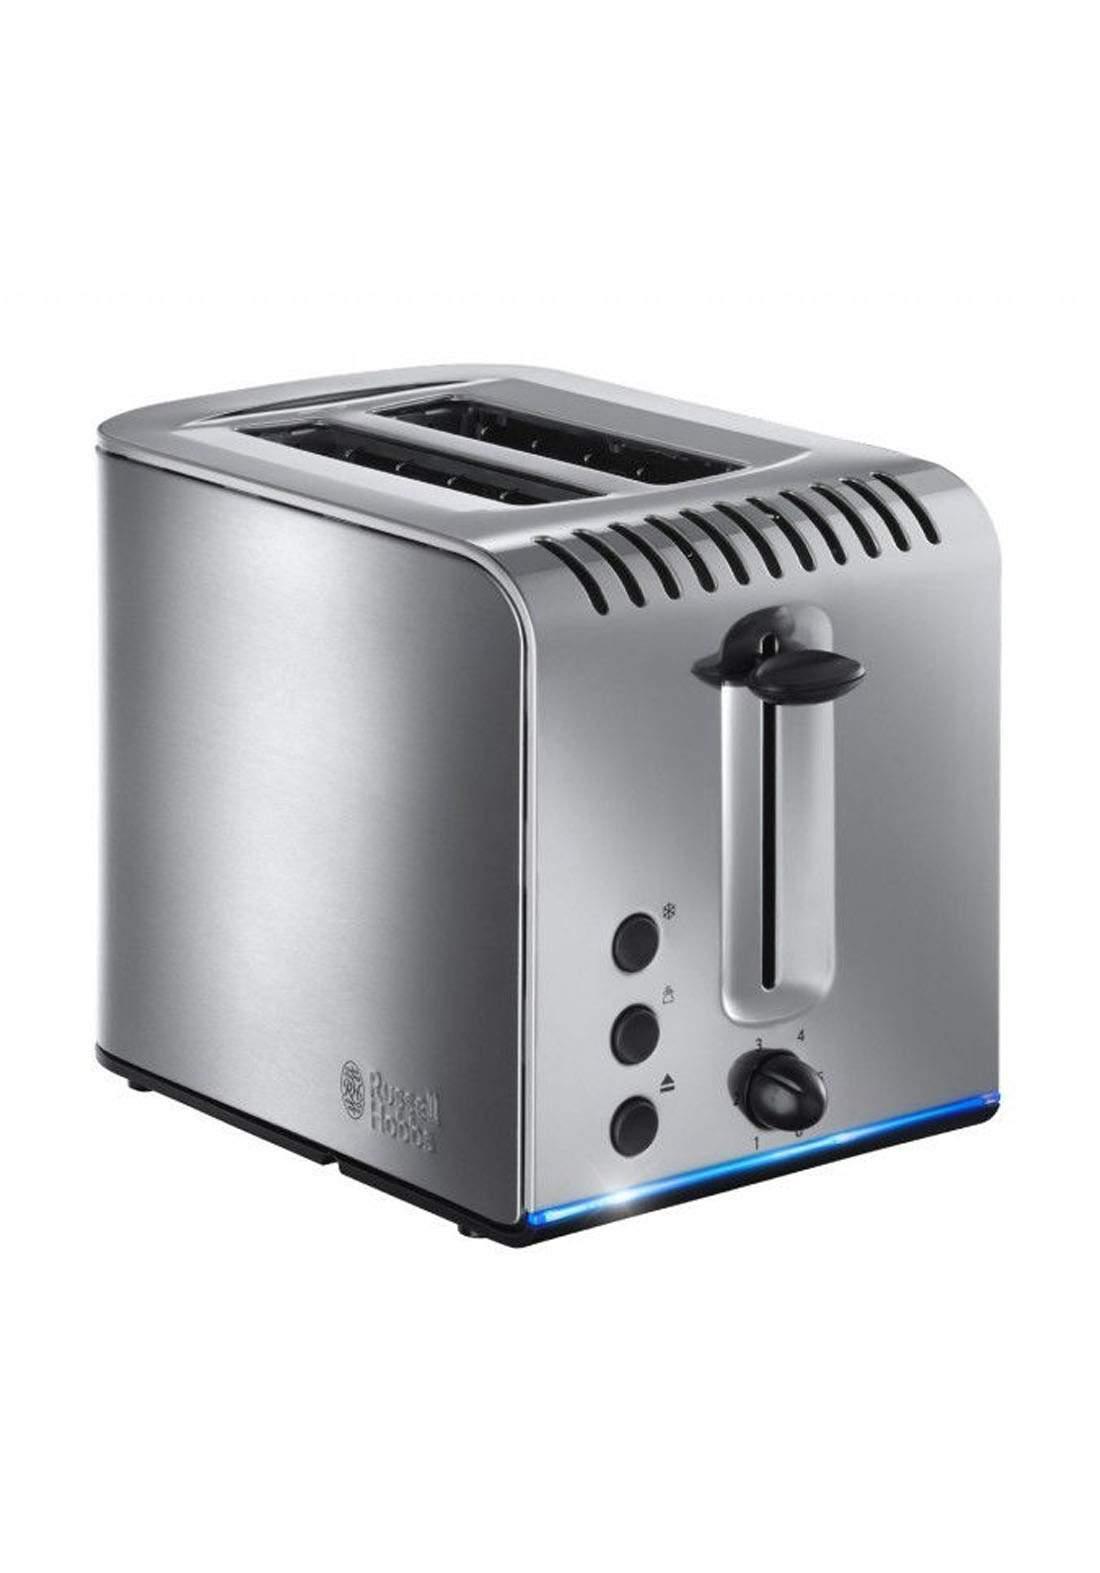 Russell hobbs 20740 Toaster محمصة